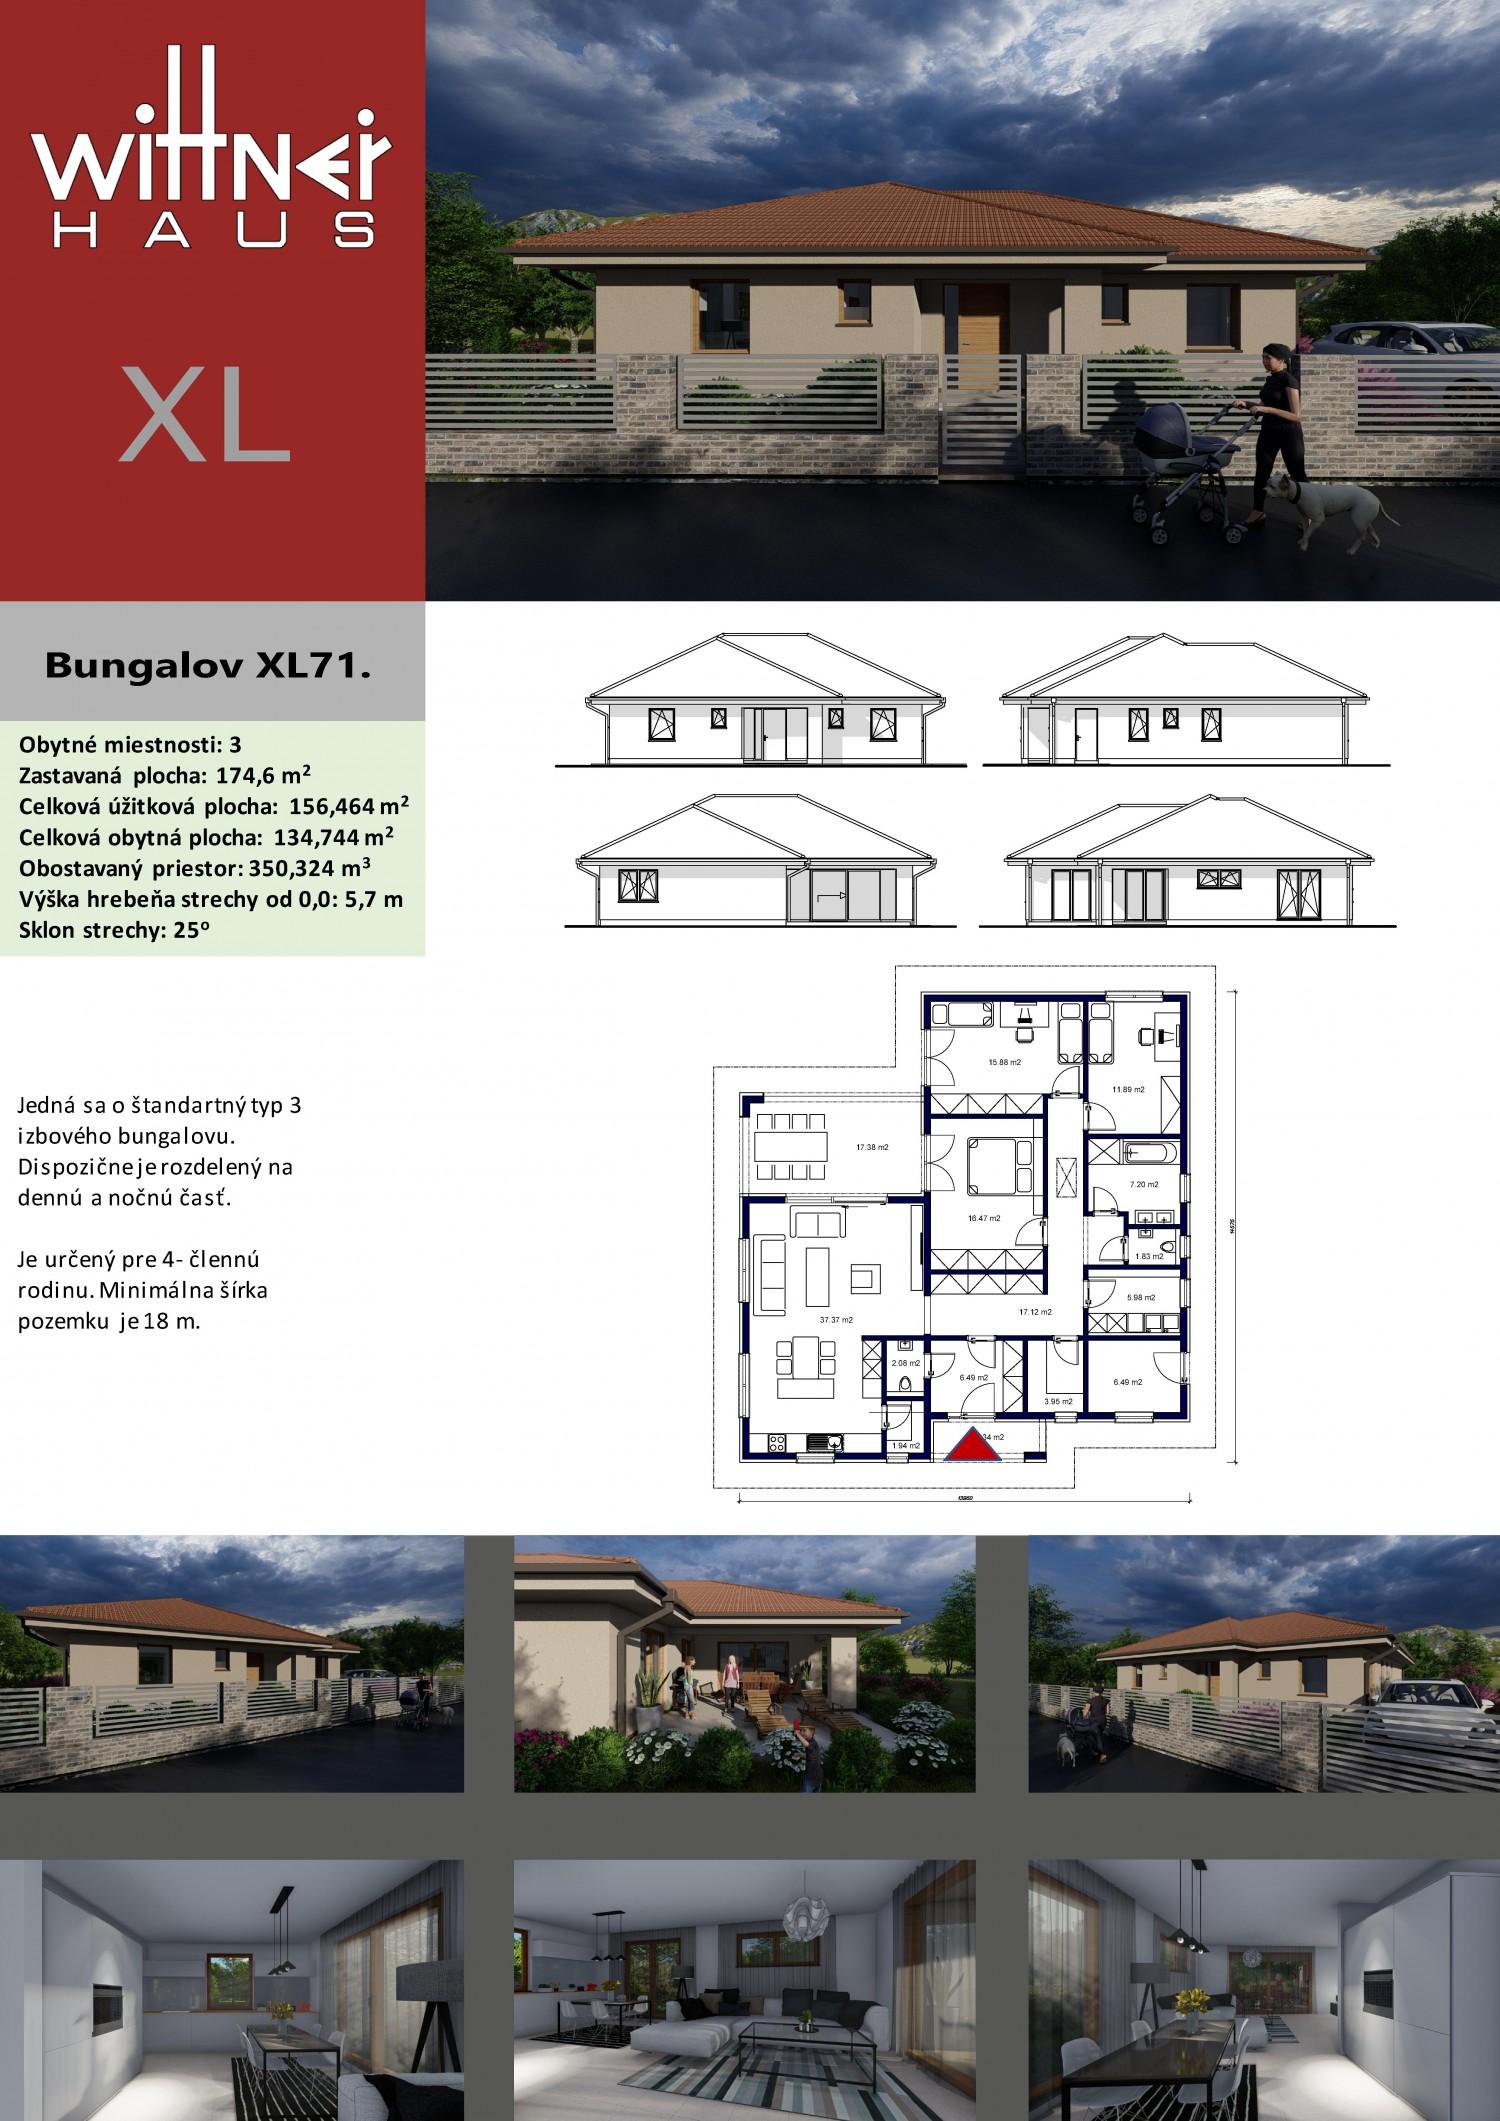 Bungalov XL